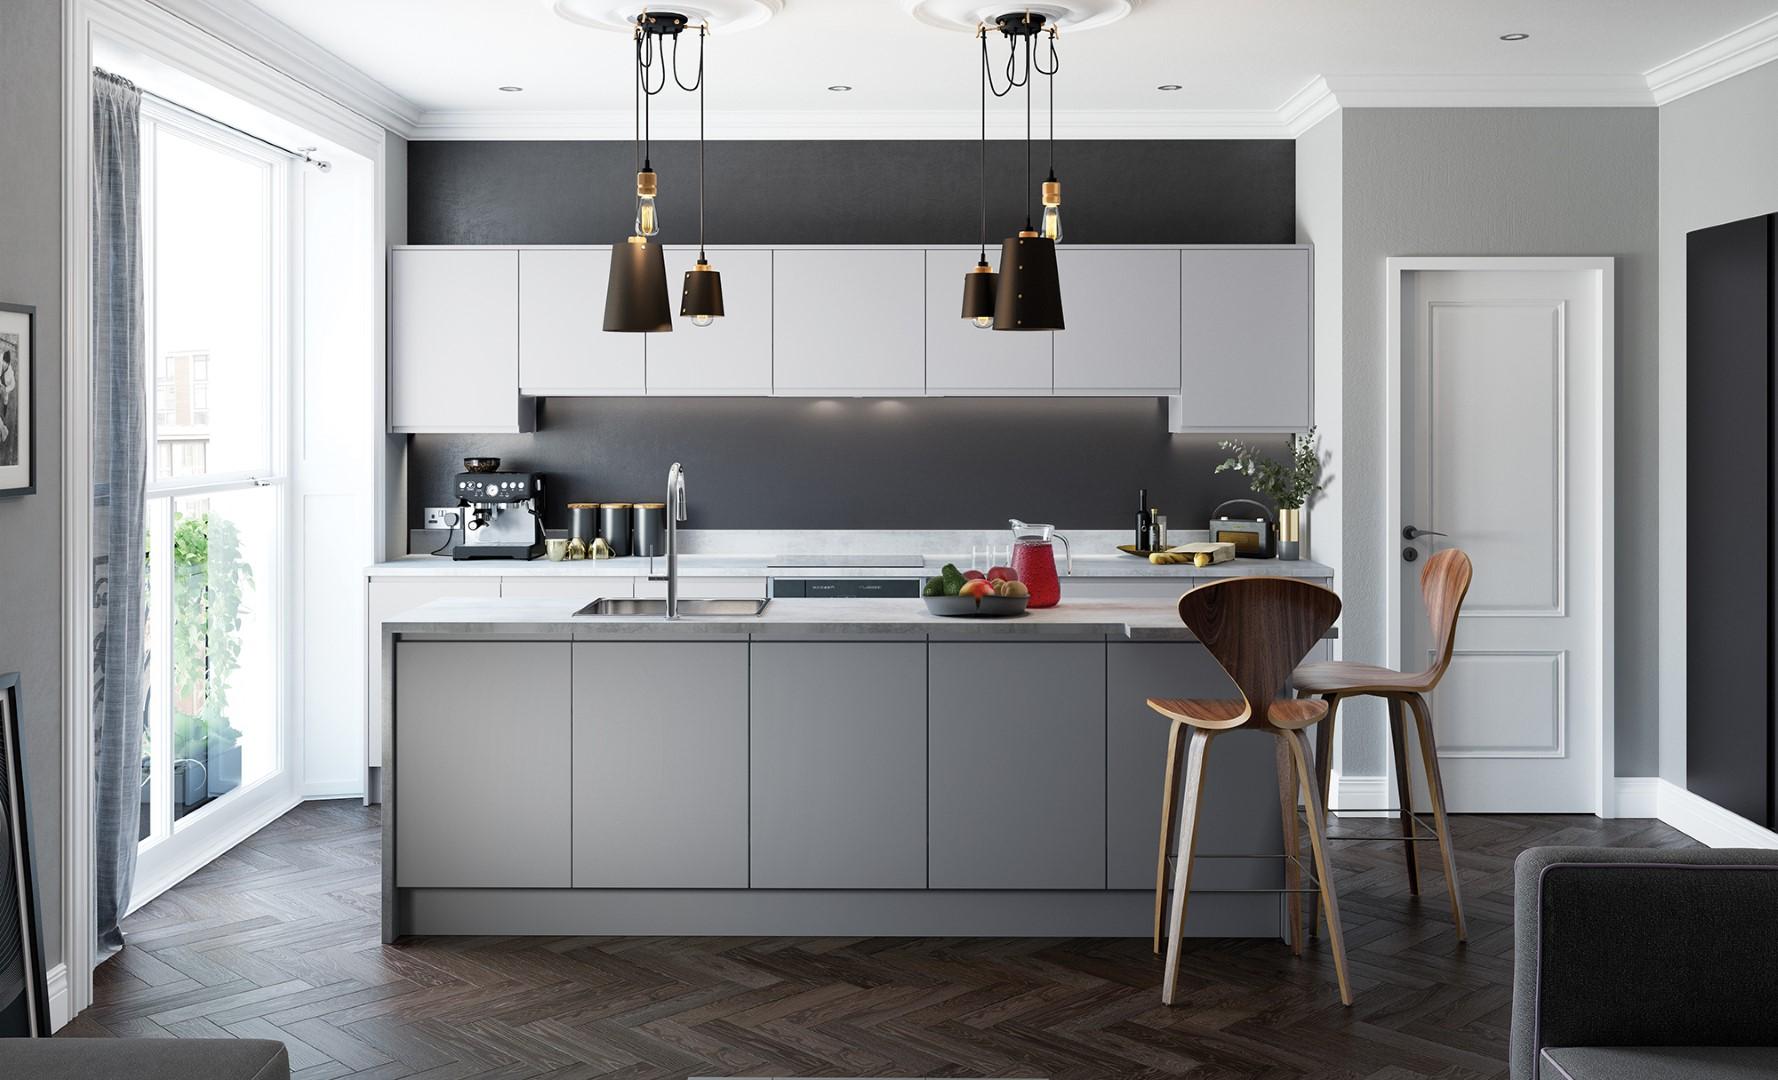 Contemporary Modern Kitchen - Strada Matte Hanleless Kitchen - Light Grey, Dust Grey, Graphite Kitchen - Kitchen Design - Alan Kelly Kitchens Waterford